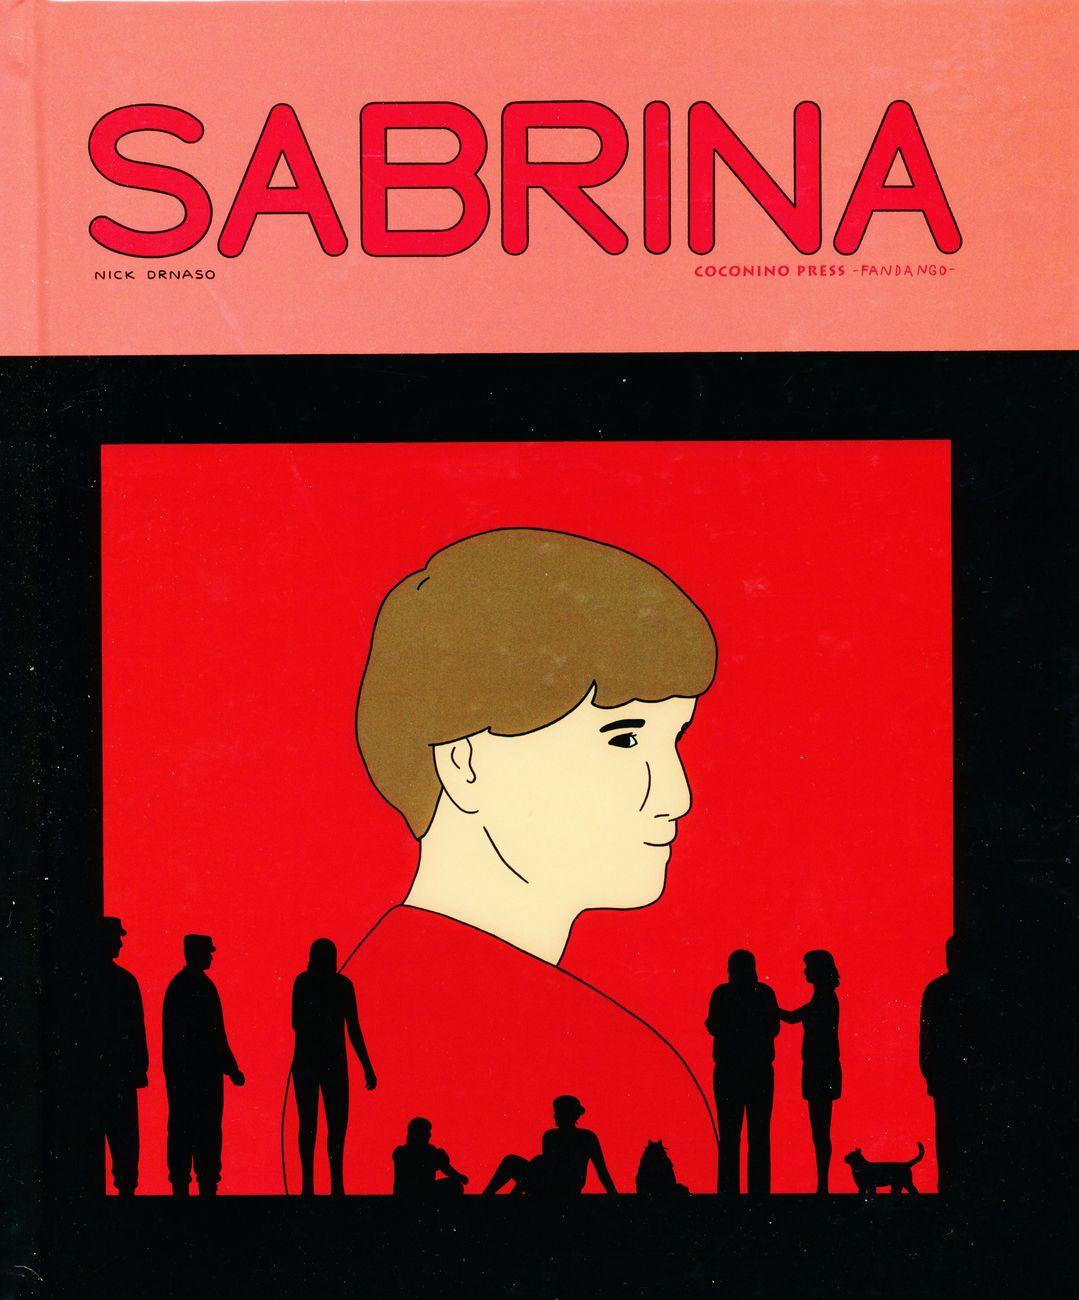 Nick Drnaso – Sabrina (Coconino Press _ Fandango Editore, Roma 2018). Cover